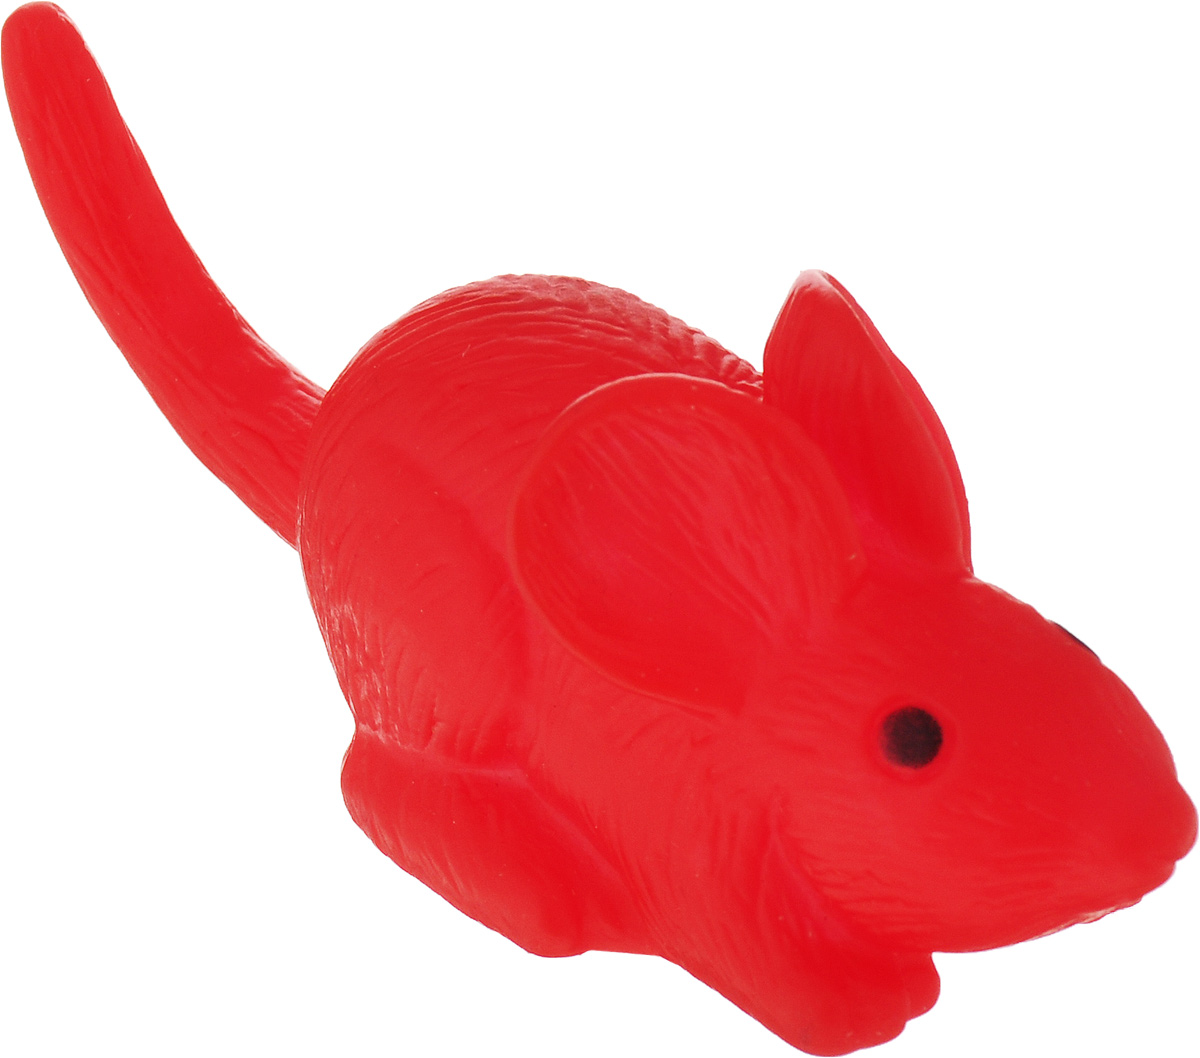 Игрушка для собак Уют Мышь, цвет: красный, 9 x 3,5 см игрушка для собак уют сыр с мышкой 11 x 5 см